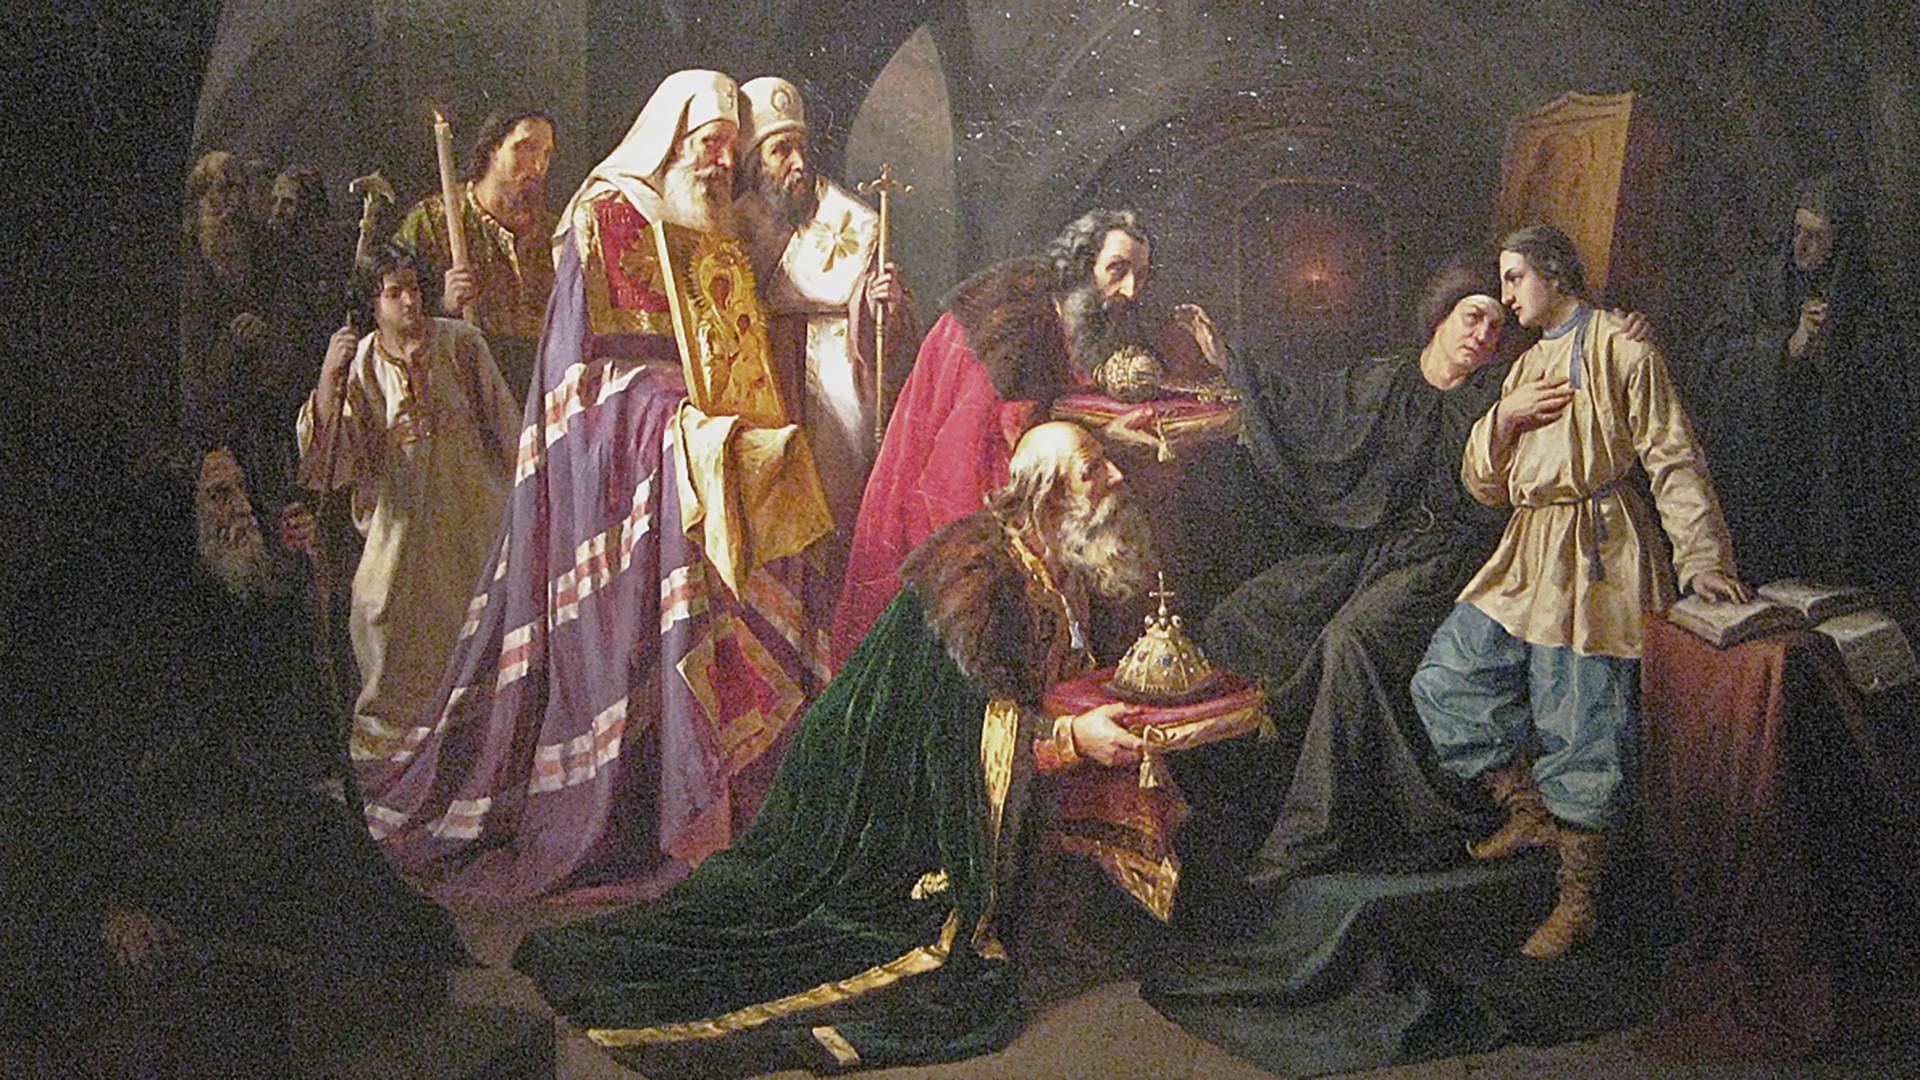 Mikhail Fyodorovich yang dipanggil untuk menerima mahkota.